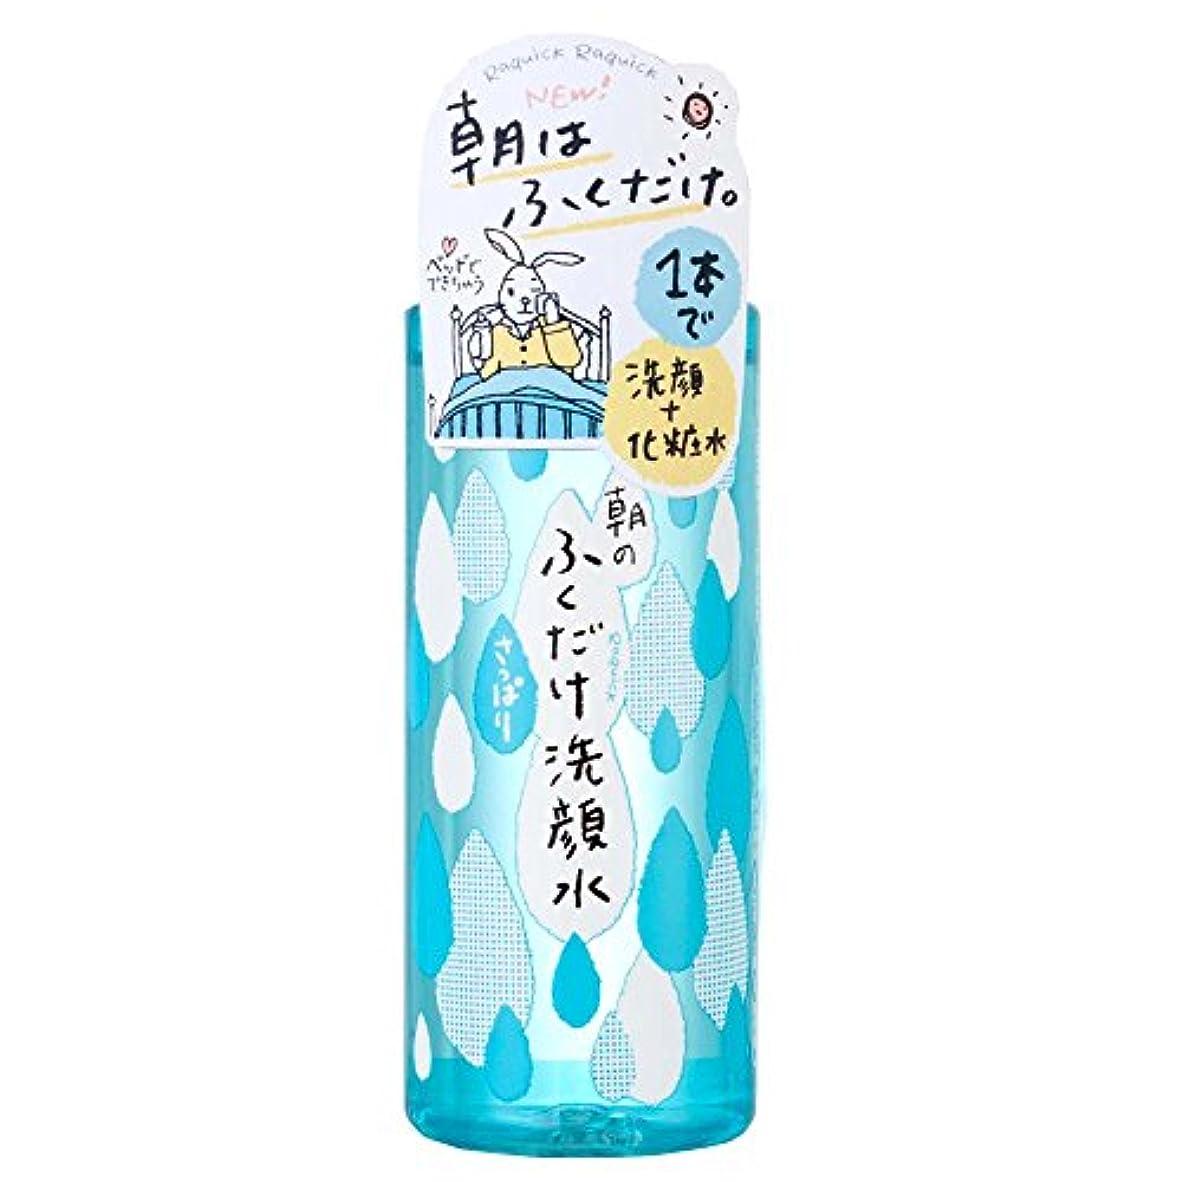 浸透する悪因子観察するラクイック 朝のふくだけ洗顔水 さっぱり 310mL